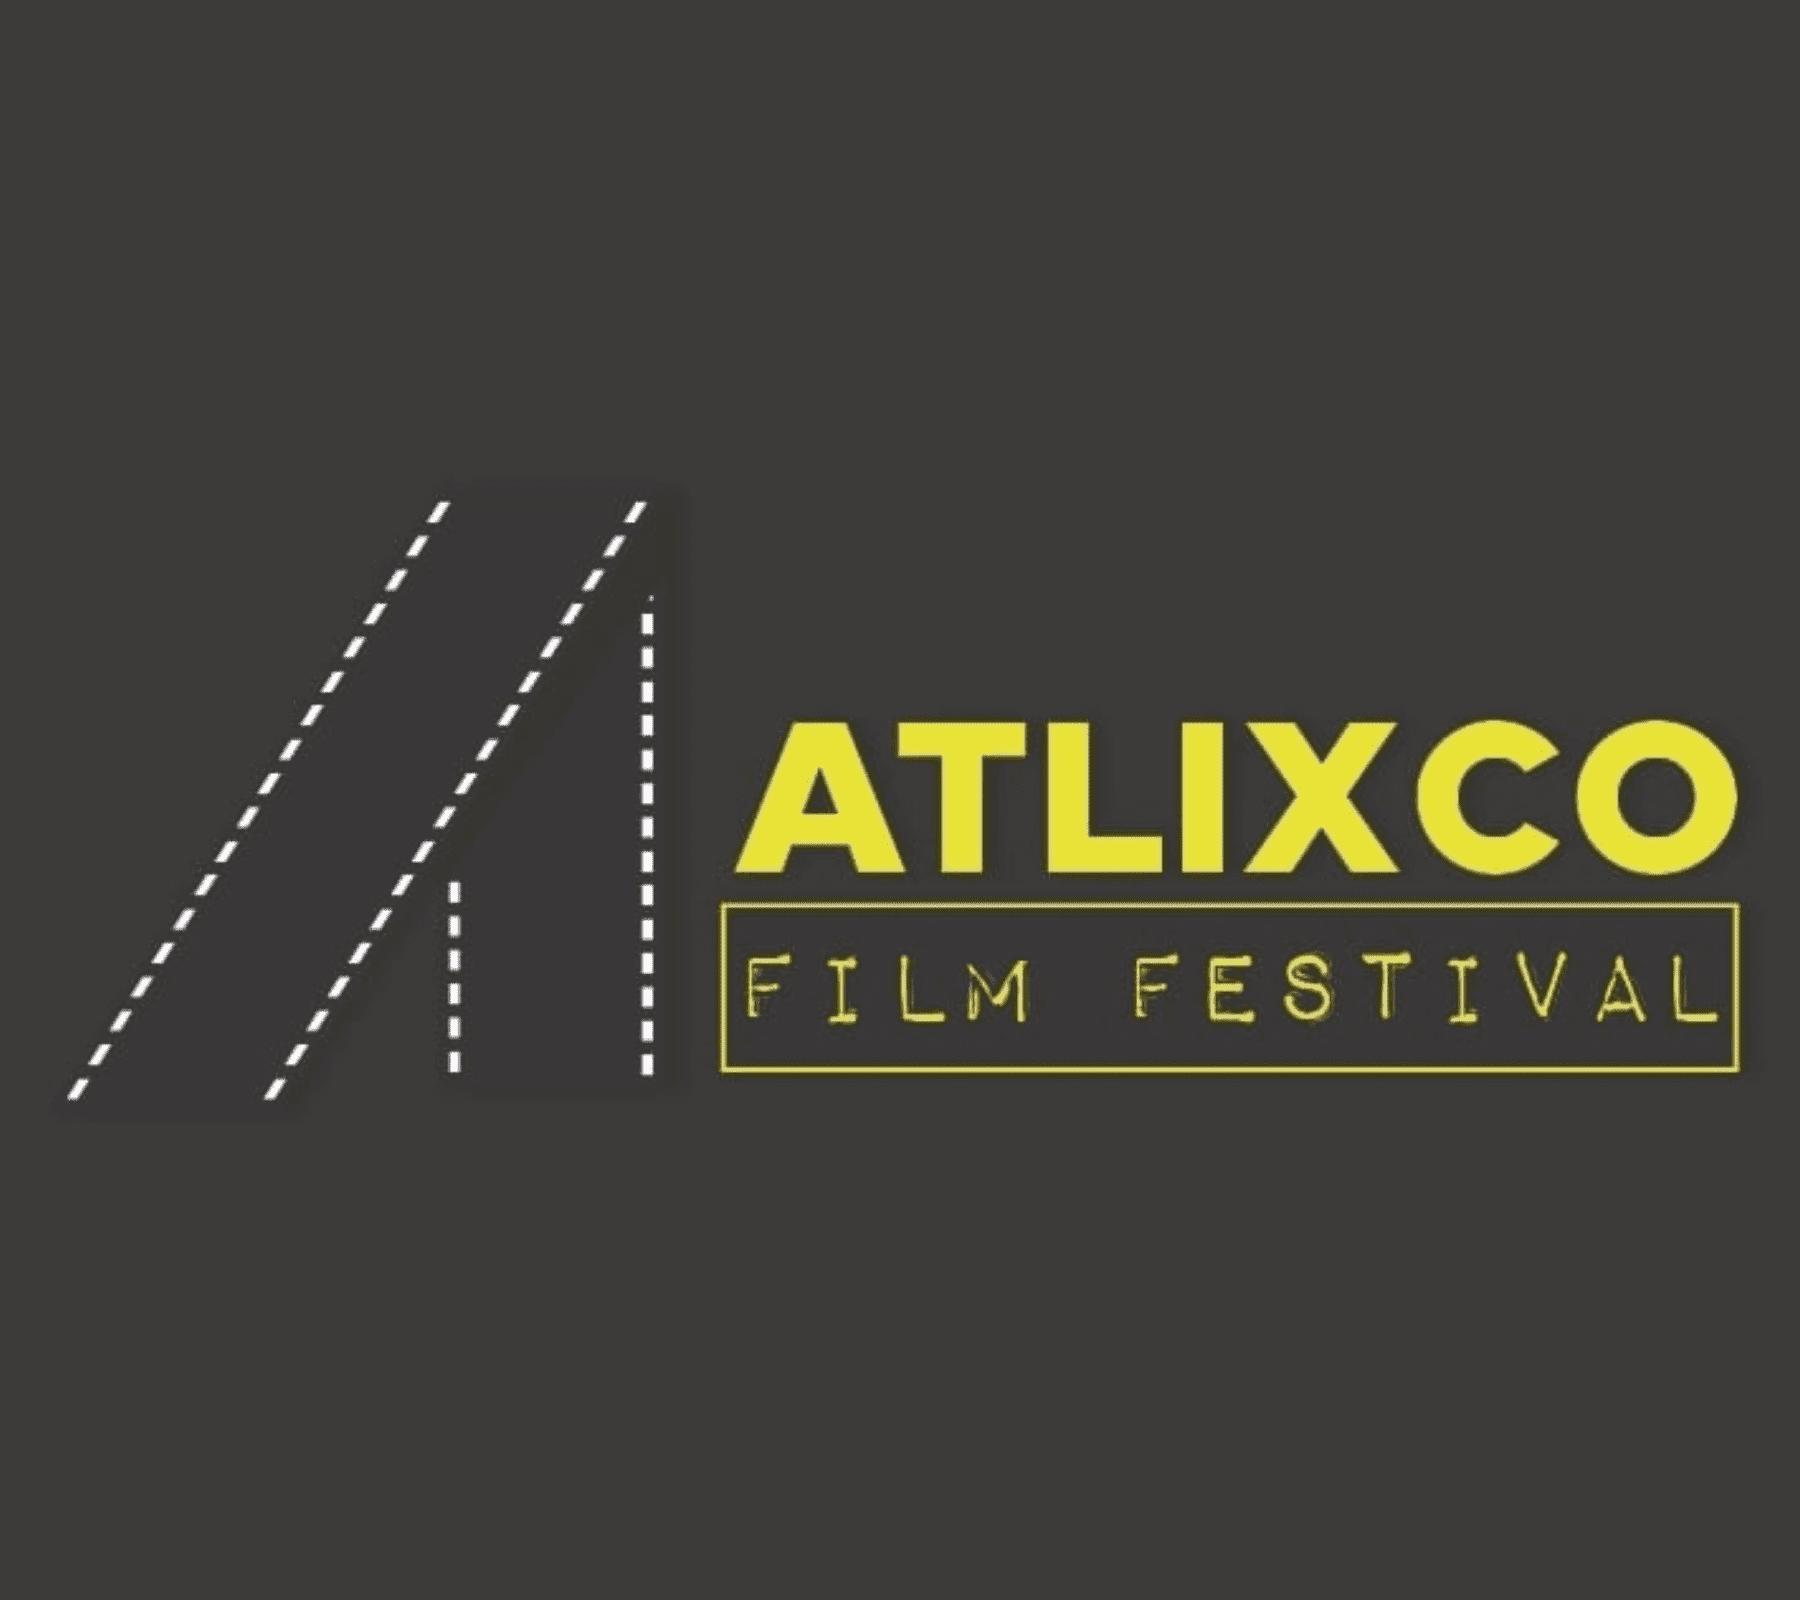 atlixco festival cine